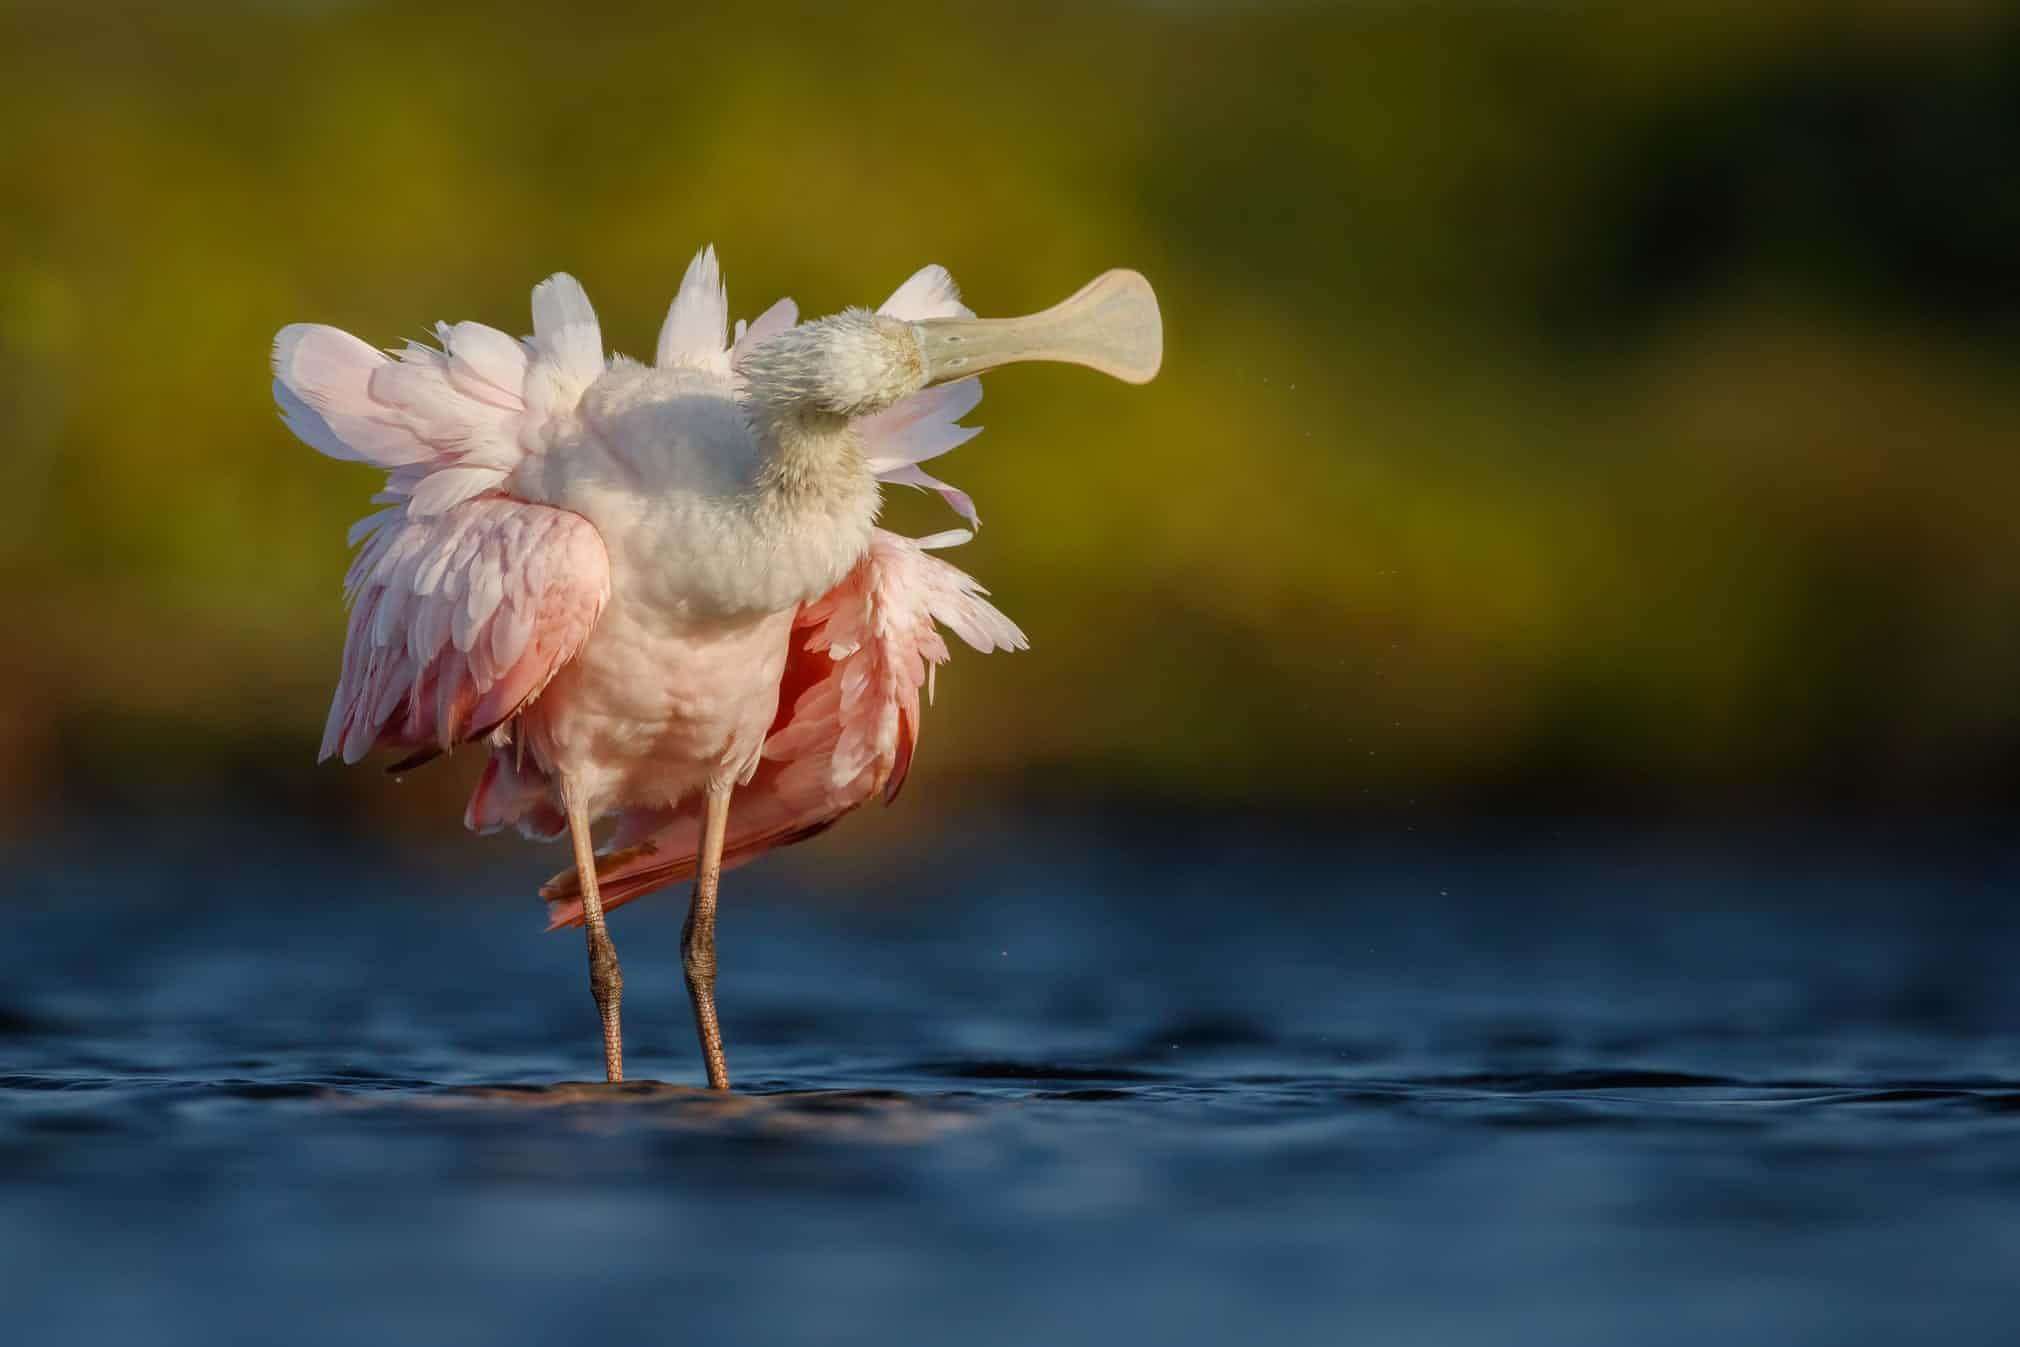 Розовая колпица вобъективе чешского фотографа Петра Бамбузека, победившая вкатегории